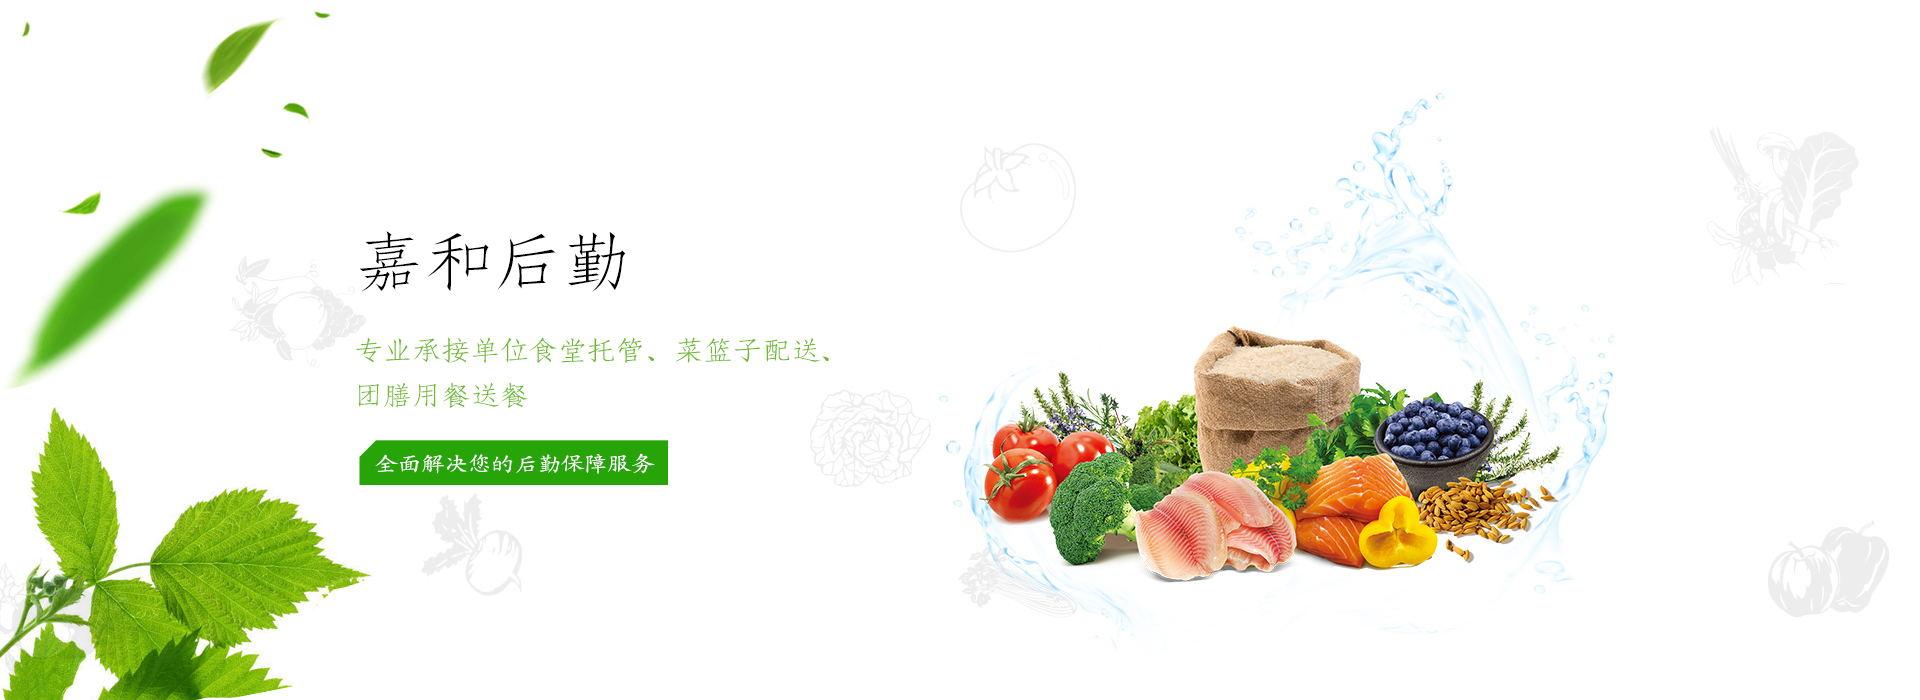 宁波蔬菜配送